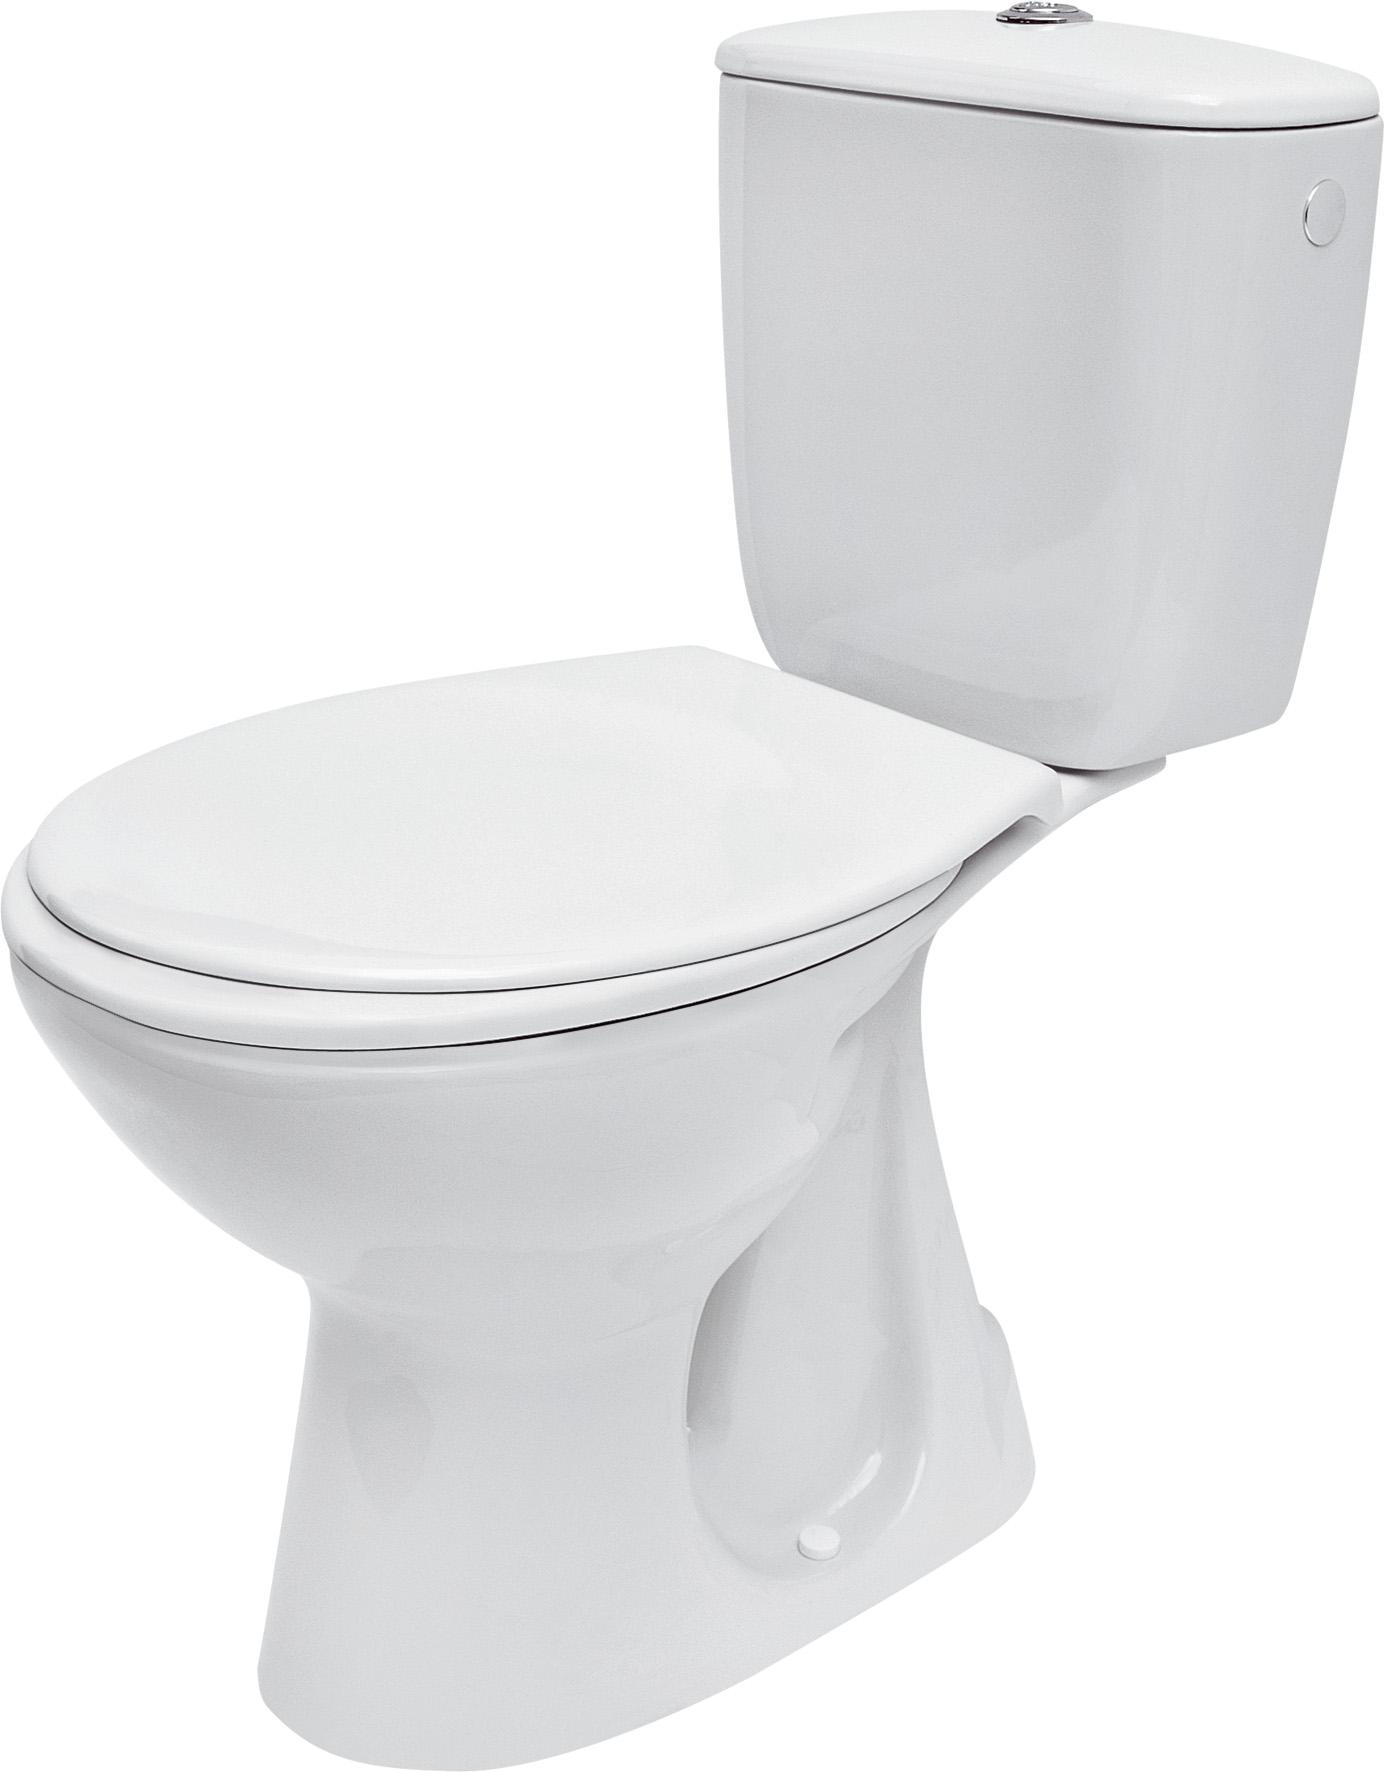 keramik stand wc toilette 636180 ablauf senkrecht tiefsp ler bodenstehend ebay. Black Bedroom Furniture Sets. Home Design Ideas